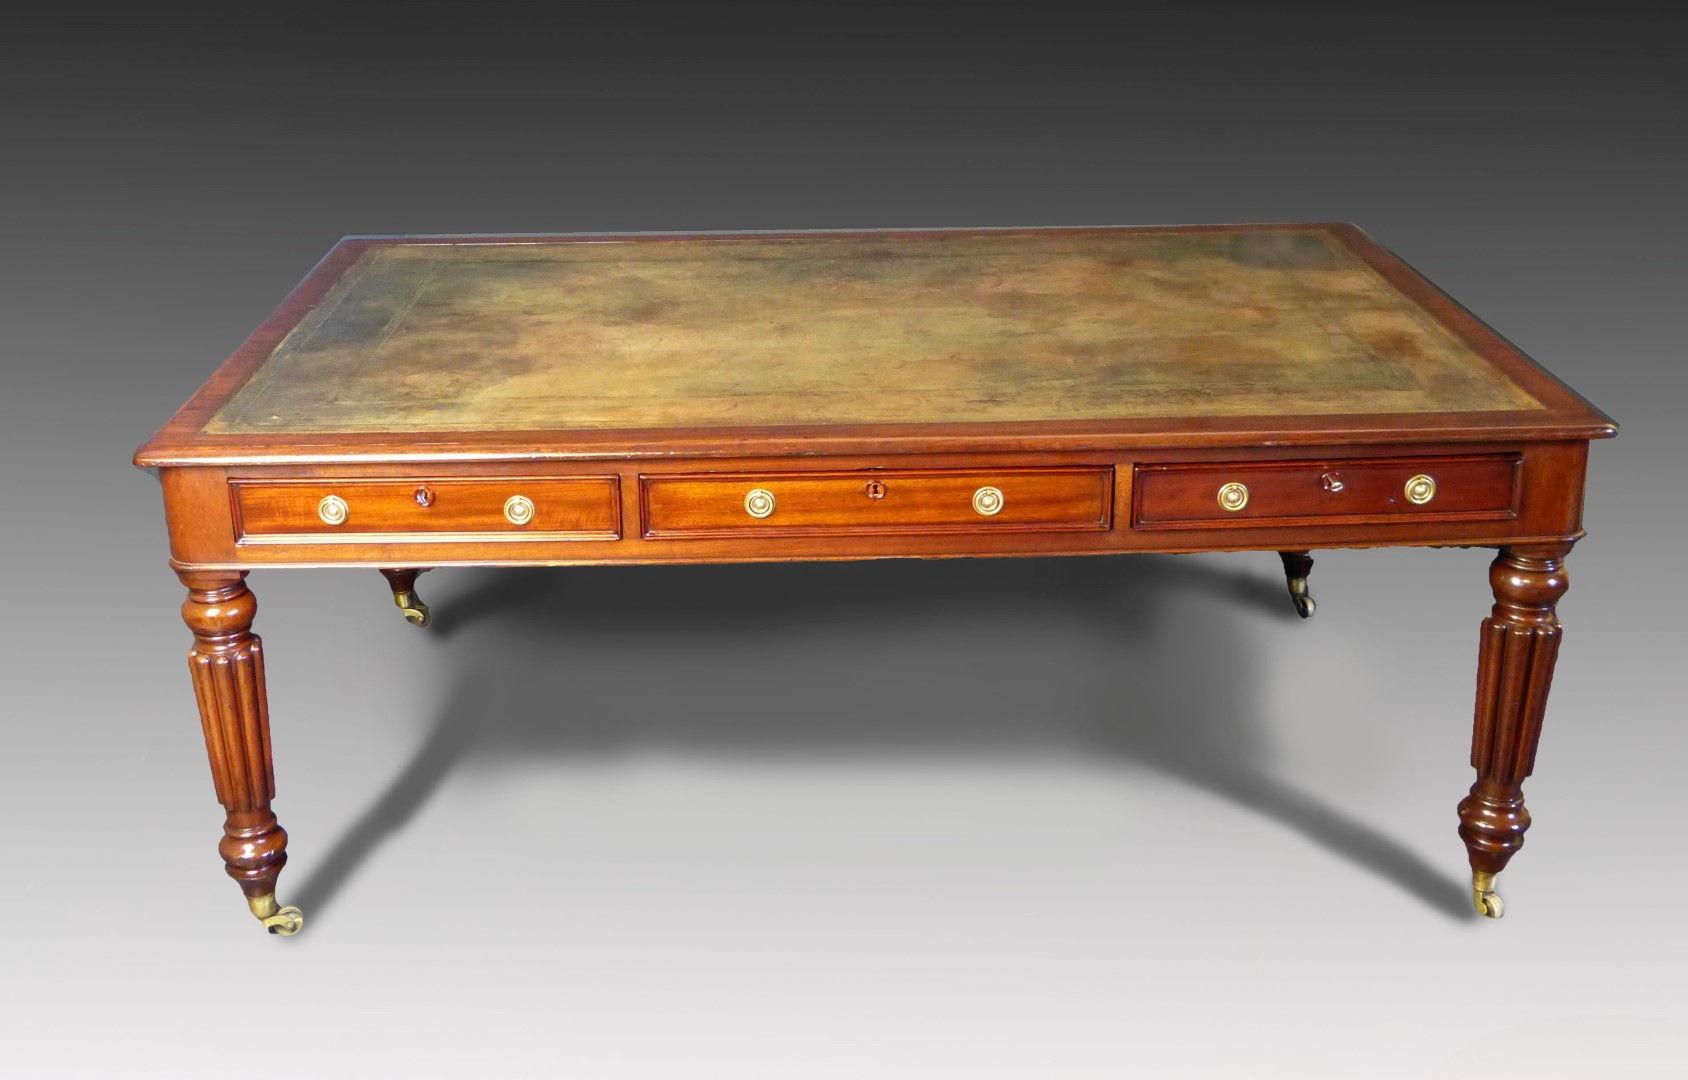 Mesas de escritorio antiguas 6910 mesas ideas - Mesas de escritorio antiguas ...